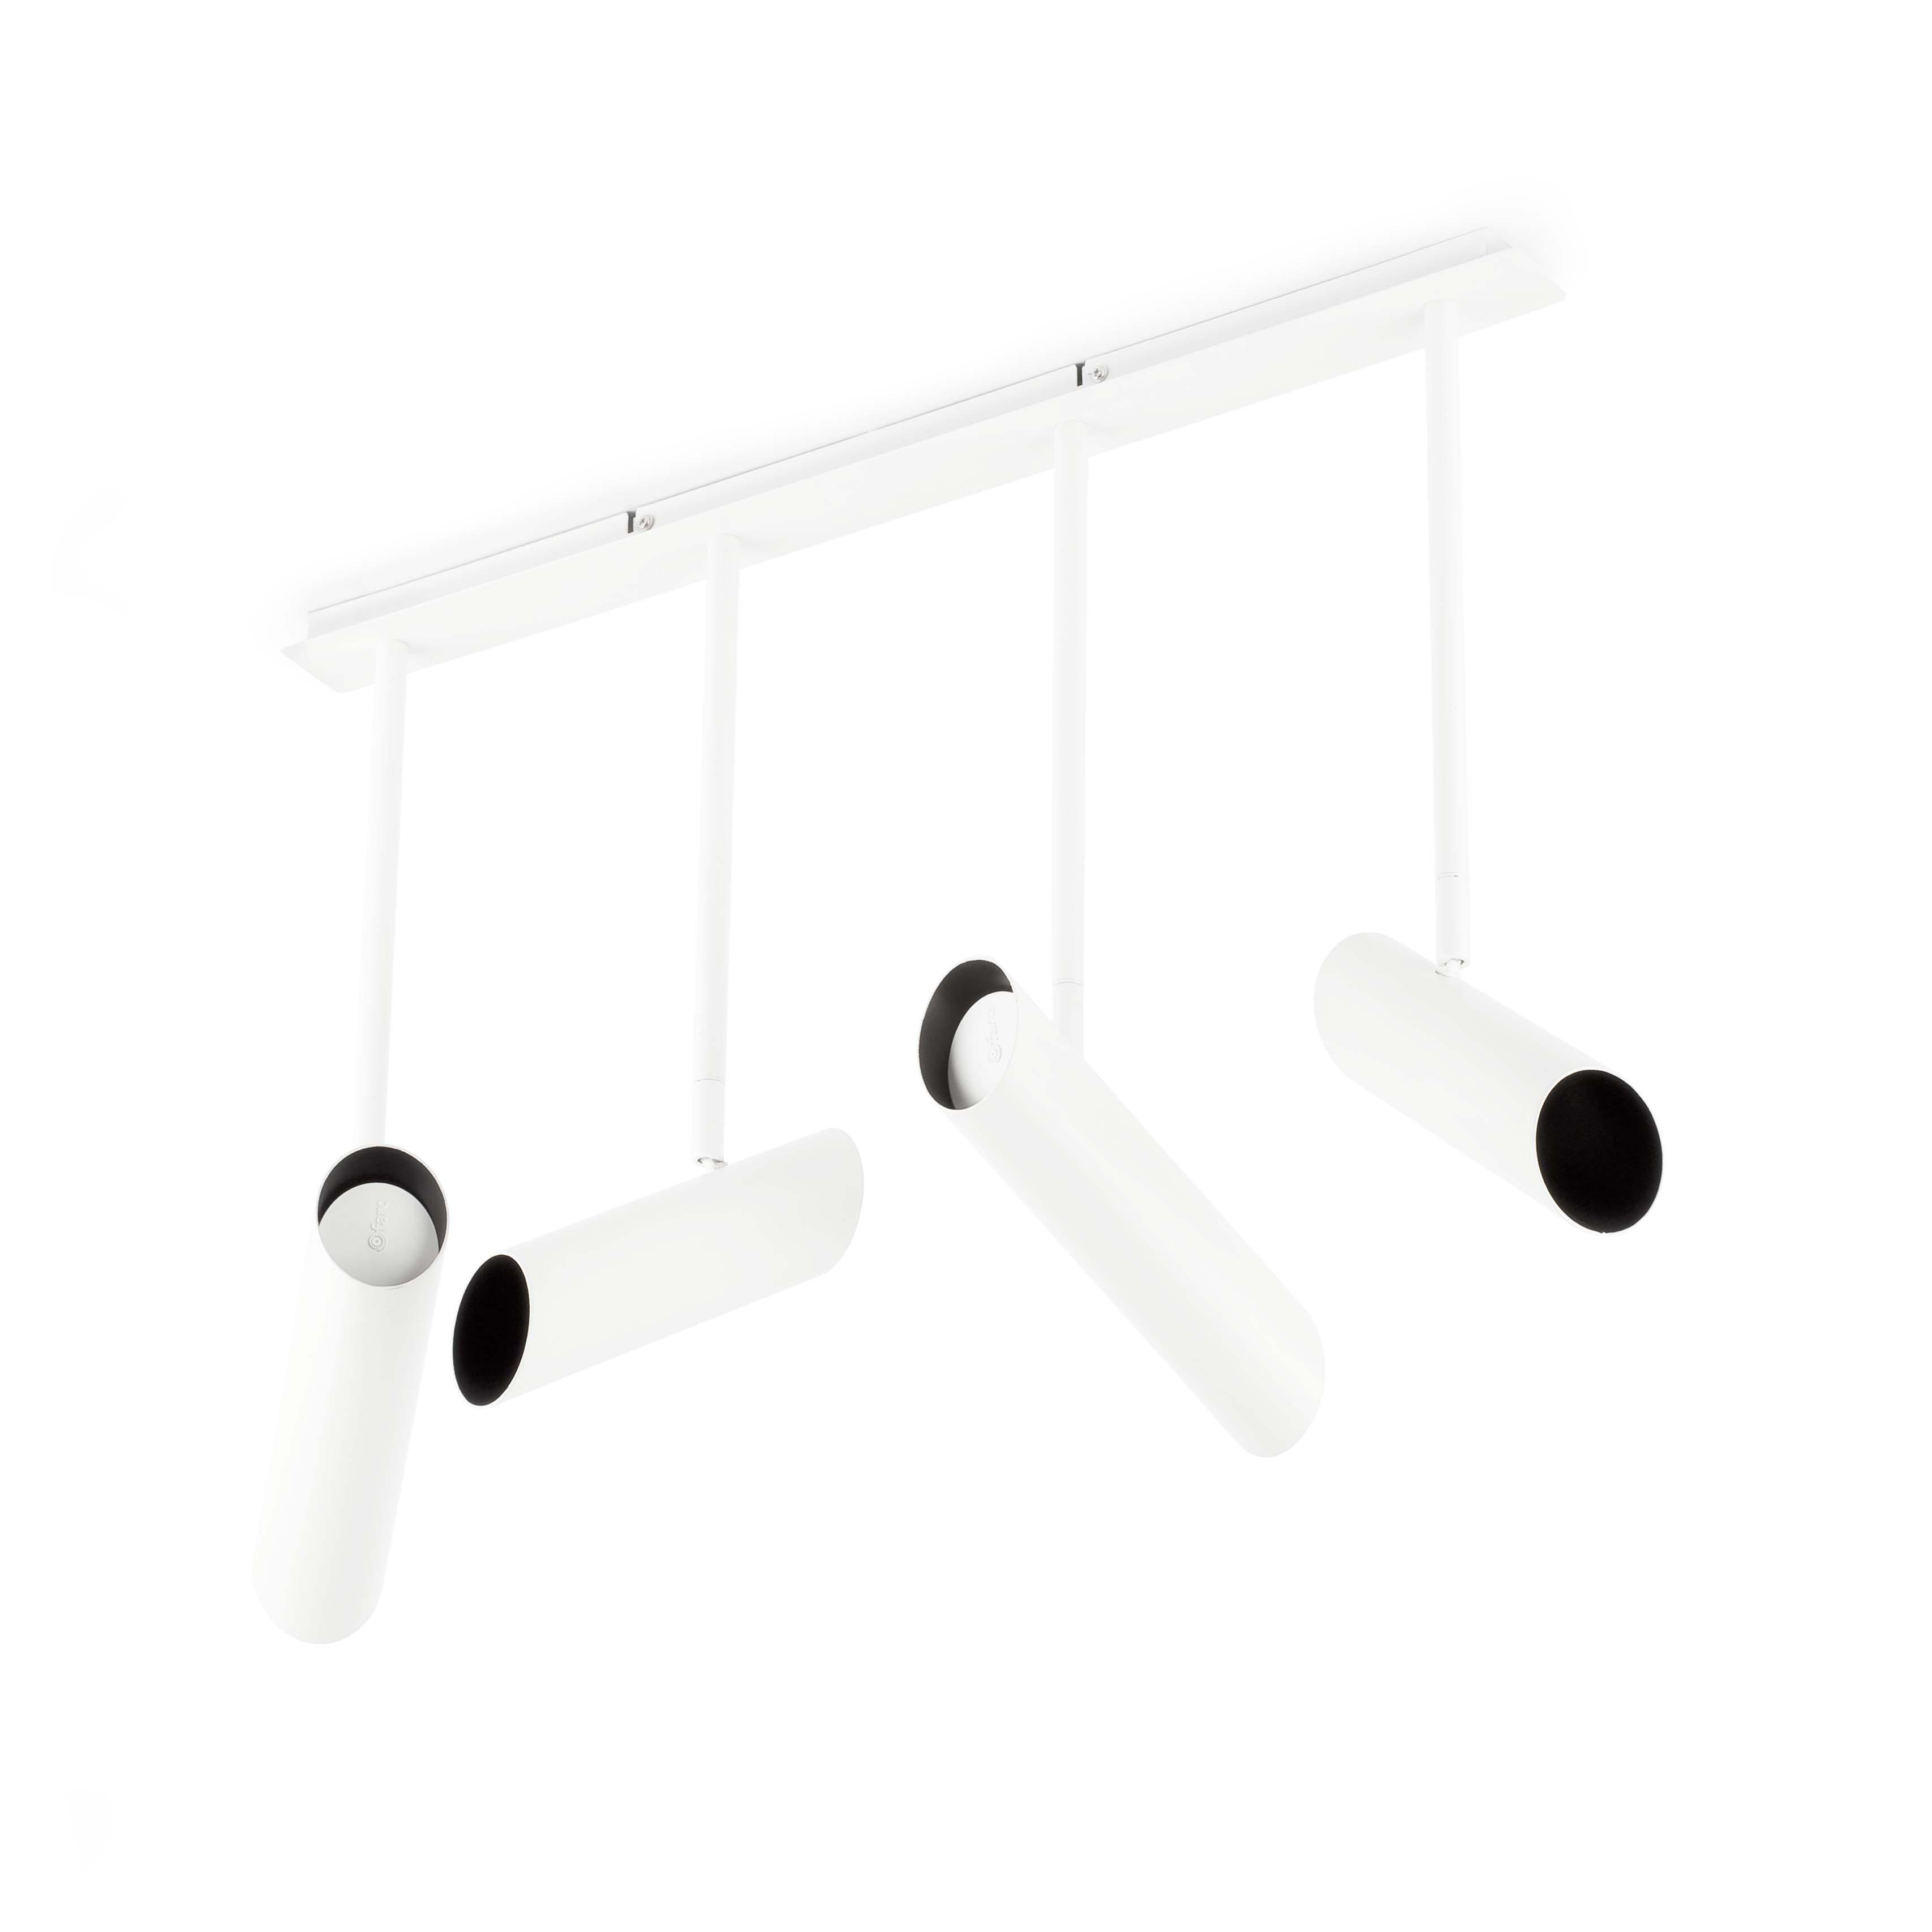 Link Pendant Lamp linear GU10 4x11w White